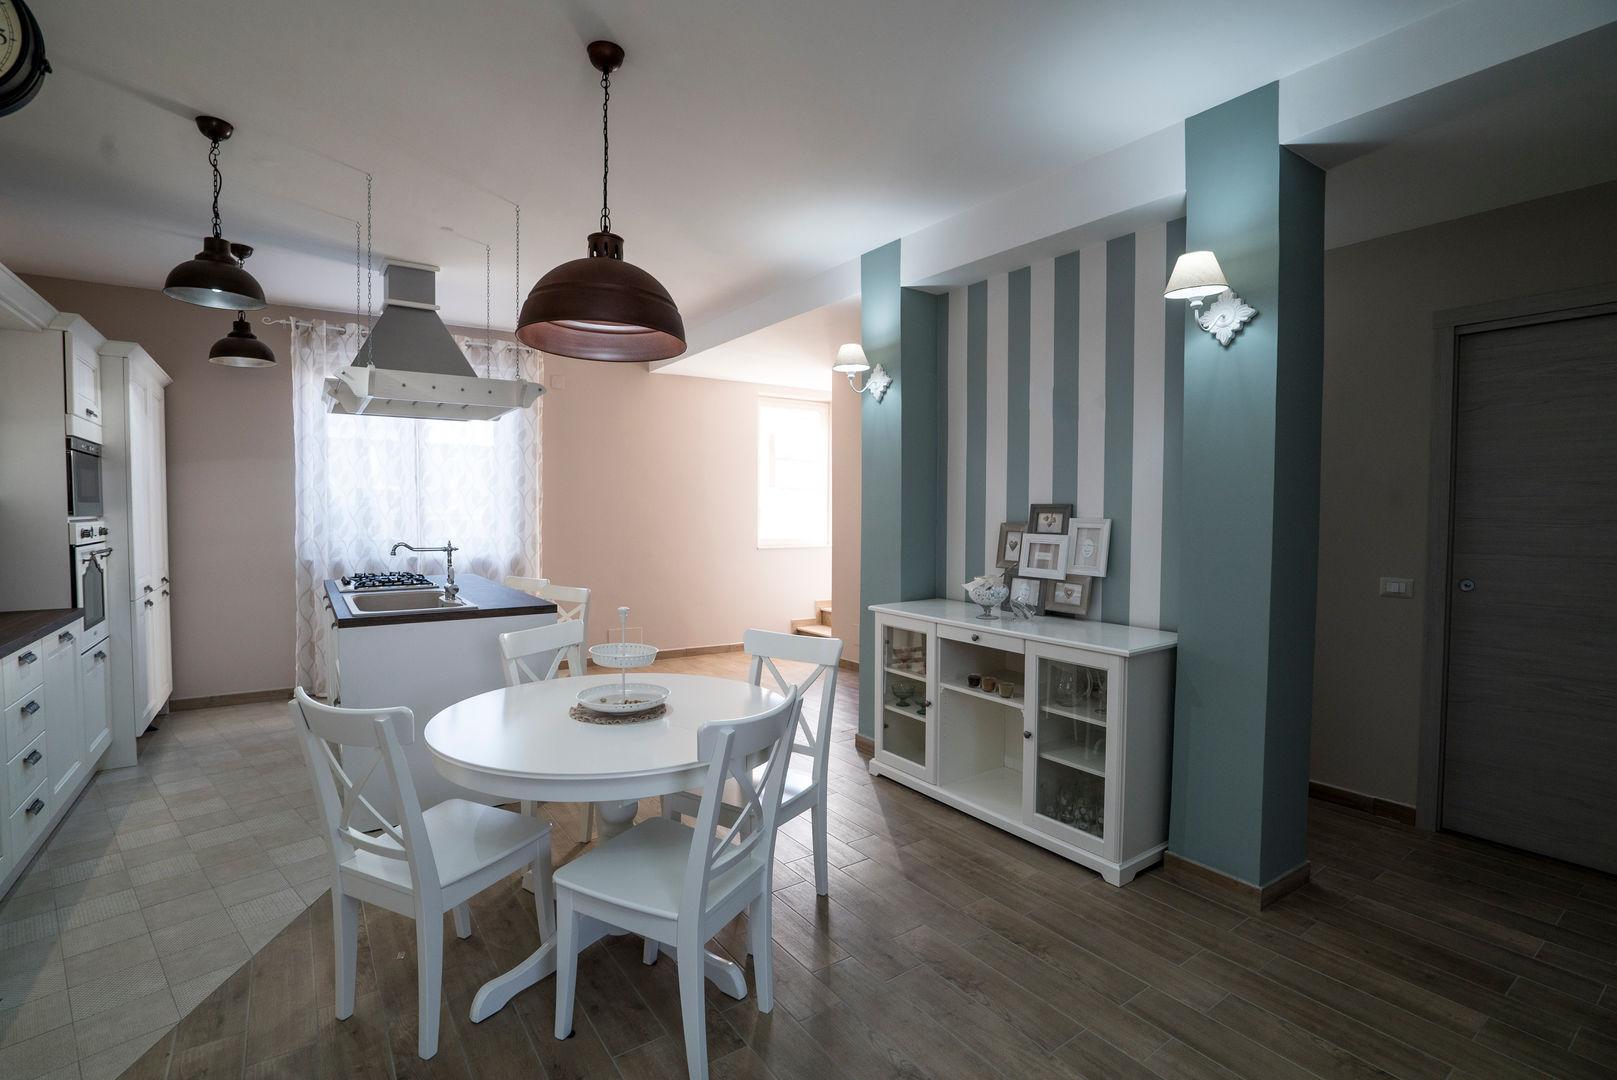 Favorito Idee Arredamento Casa & Interior Design | homify KZ14